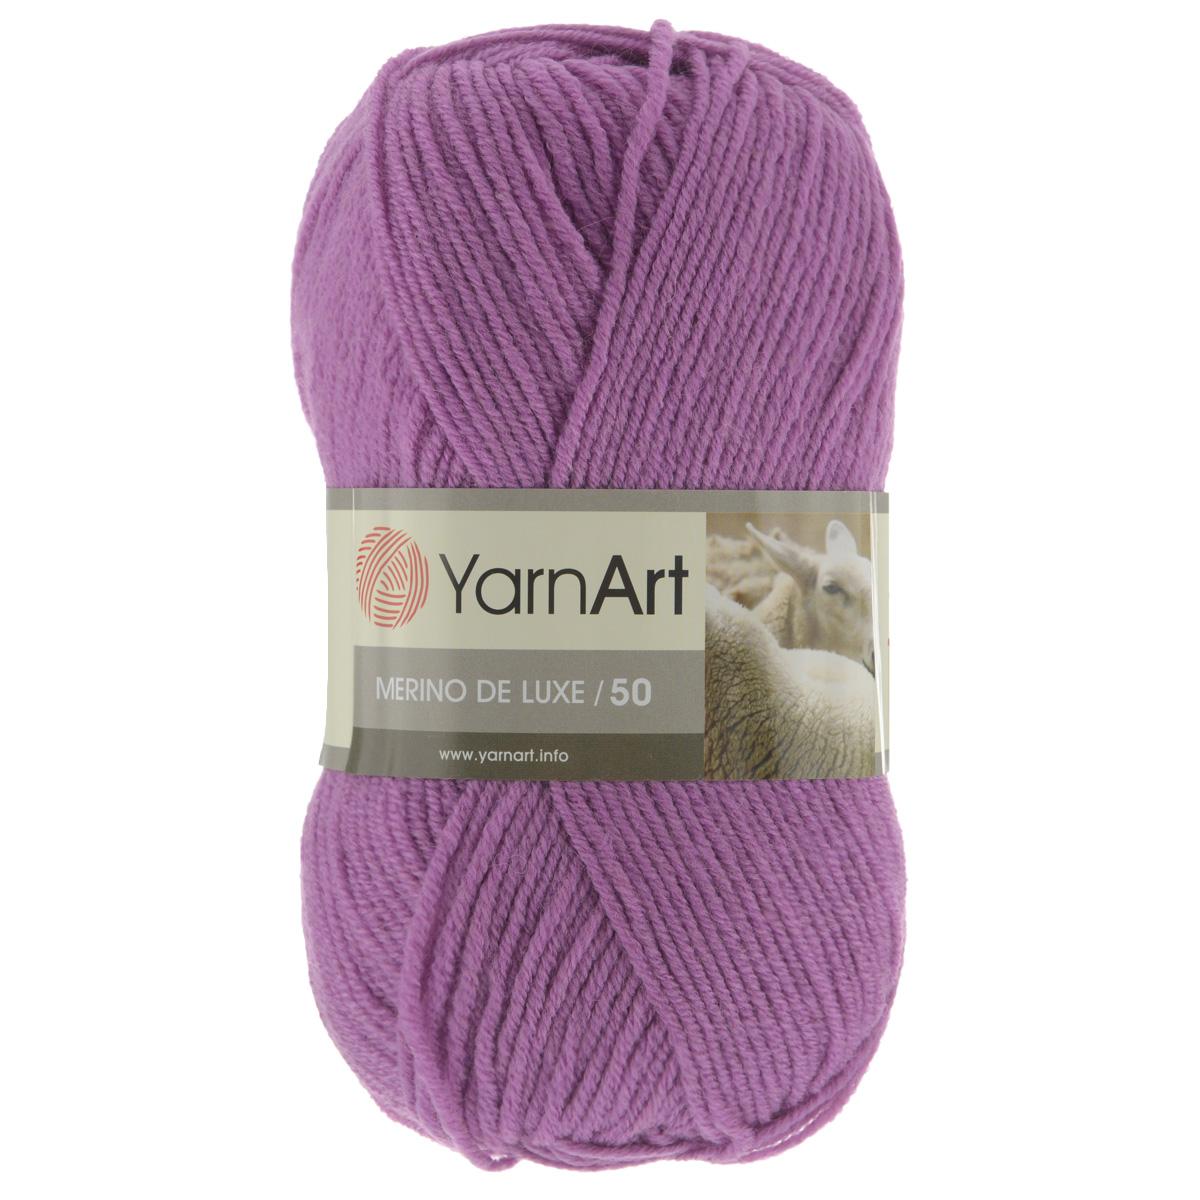 Пряжа для вязания YarnArt Merino de Lux, цвет: фиалковый (560), 280 м, 100 г, 5 шт372049_560Классическая пряжа для вязания YarnArt  Merino de Lux изготовлена из шерсти и акрила. Пряжа очень мягкая и приятная на ощупь. Теплая, уютная, эта пряжа идеально подходит для вязки демисезонных вещей. Шапочки, шарфы, снуды, свитера, жилеты вяжутся из этой пряжи быстро и легко. Изделия приятны в носке и долго не теряют форму после ручной стирки. Рекомендуются спицы 3,5 мм, крючок 4 мм. Состав: 49% шерсть, 51% акрил.